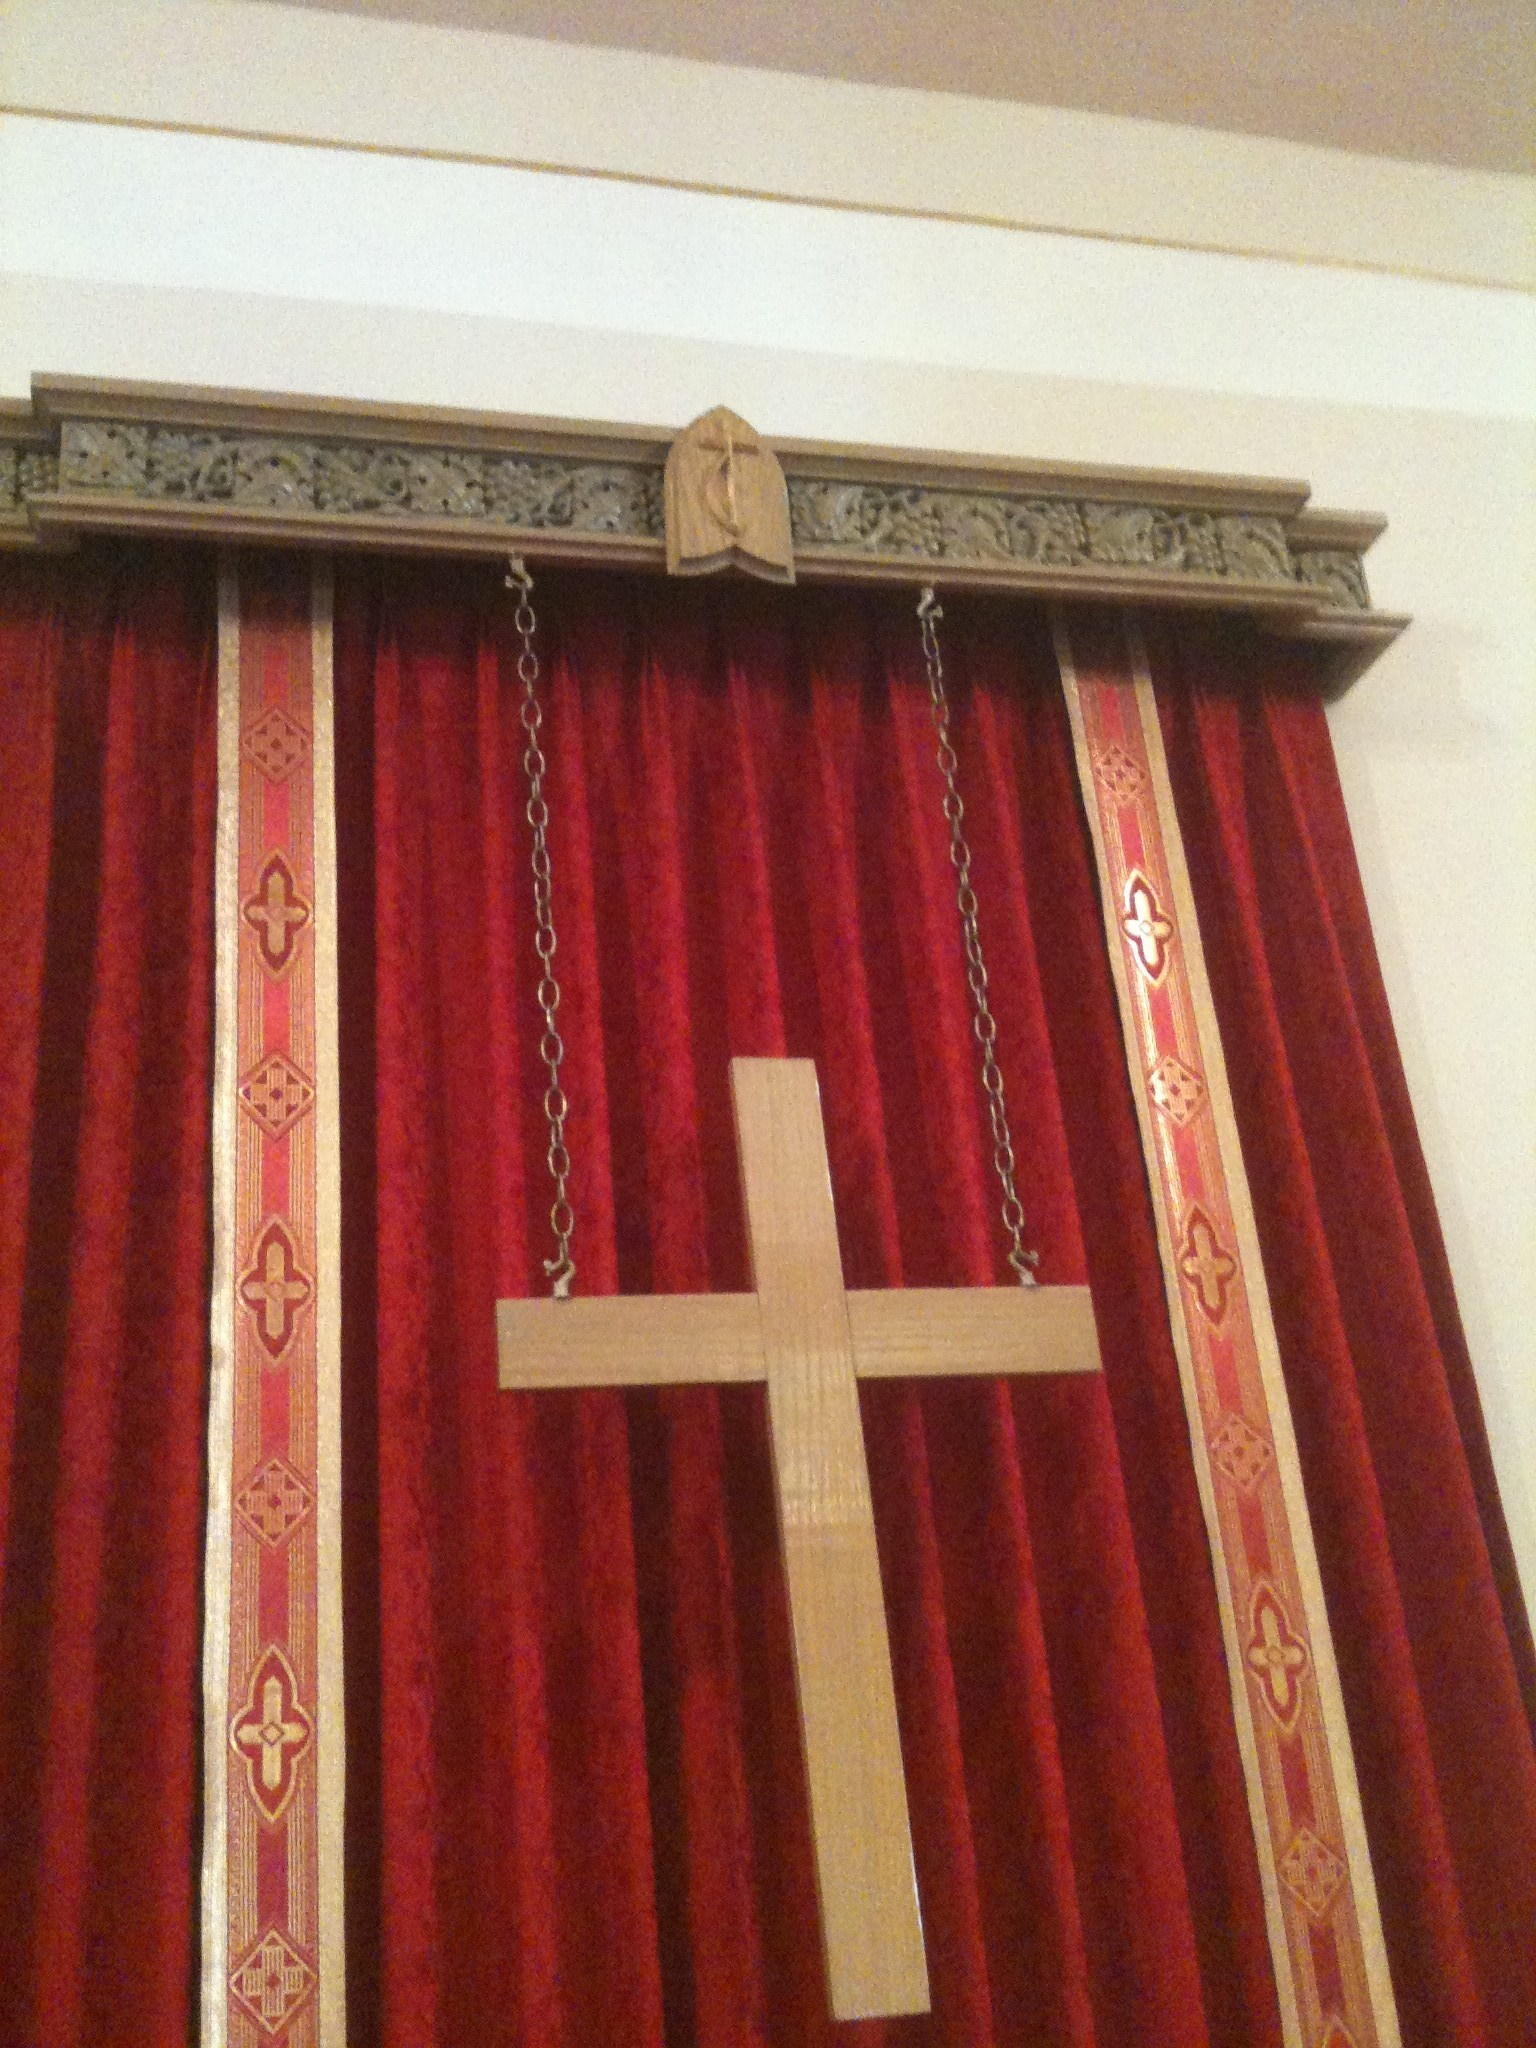 Methodist cross ii church cross biocorpaavc Choice Image